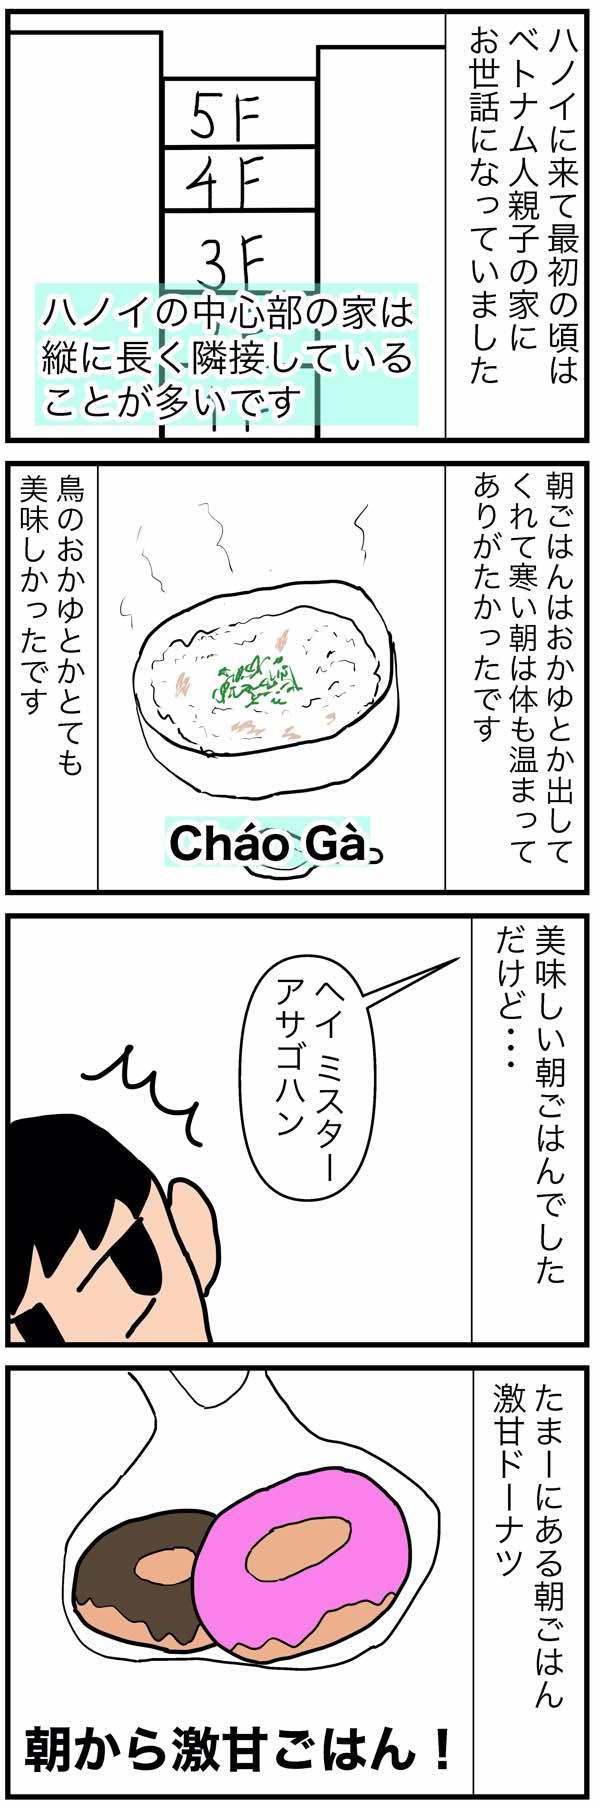 cartoon-breakfast-in-hanoi1